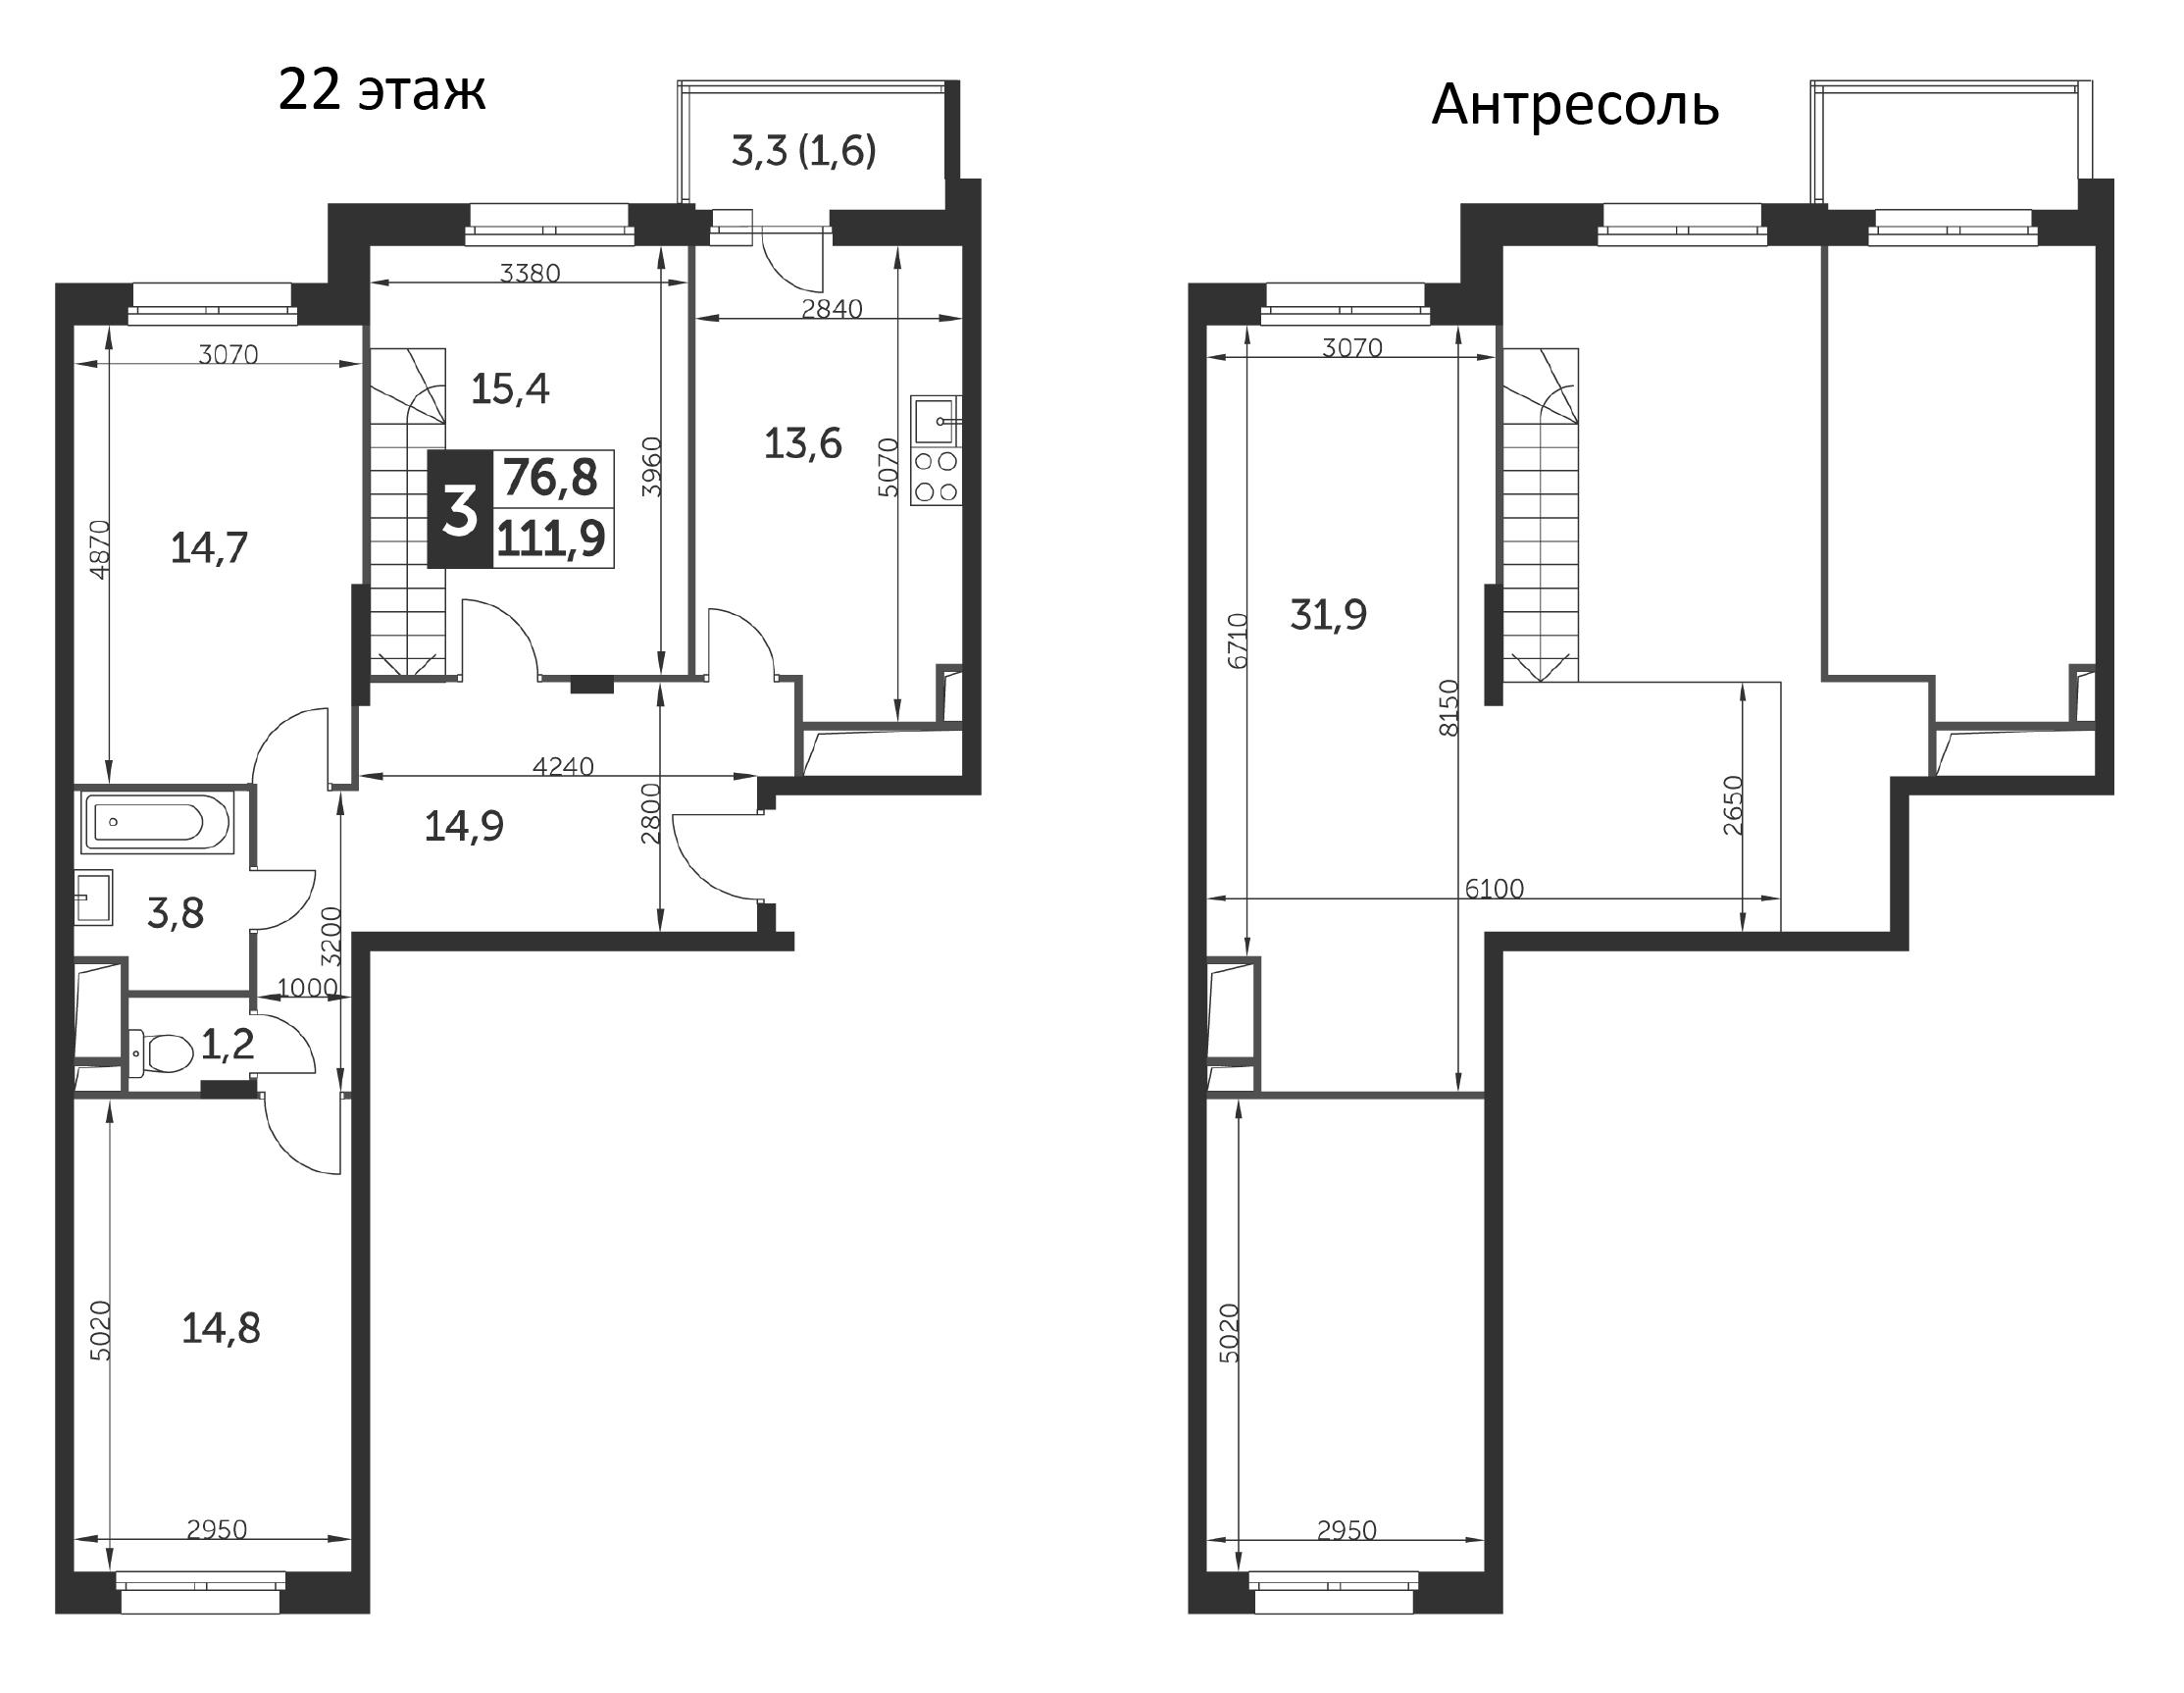 3-к.кв, 111.9 м²